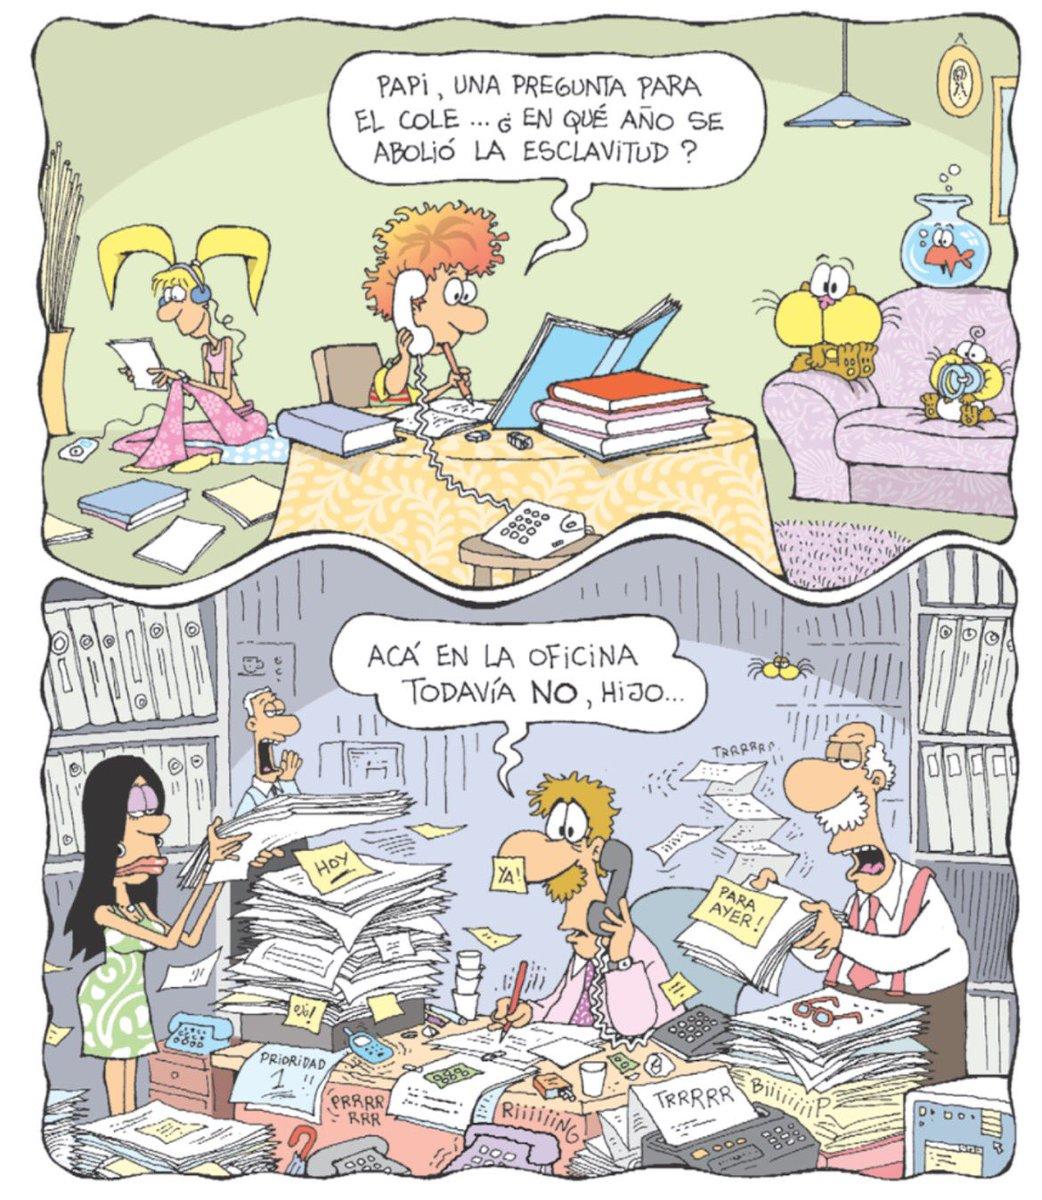 Un poco de humor para arrancar la semana #BuenLunes https://t.co/hJpwv...